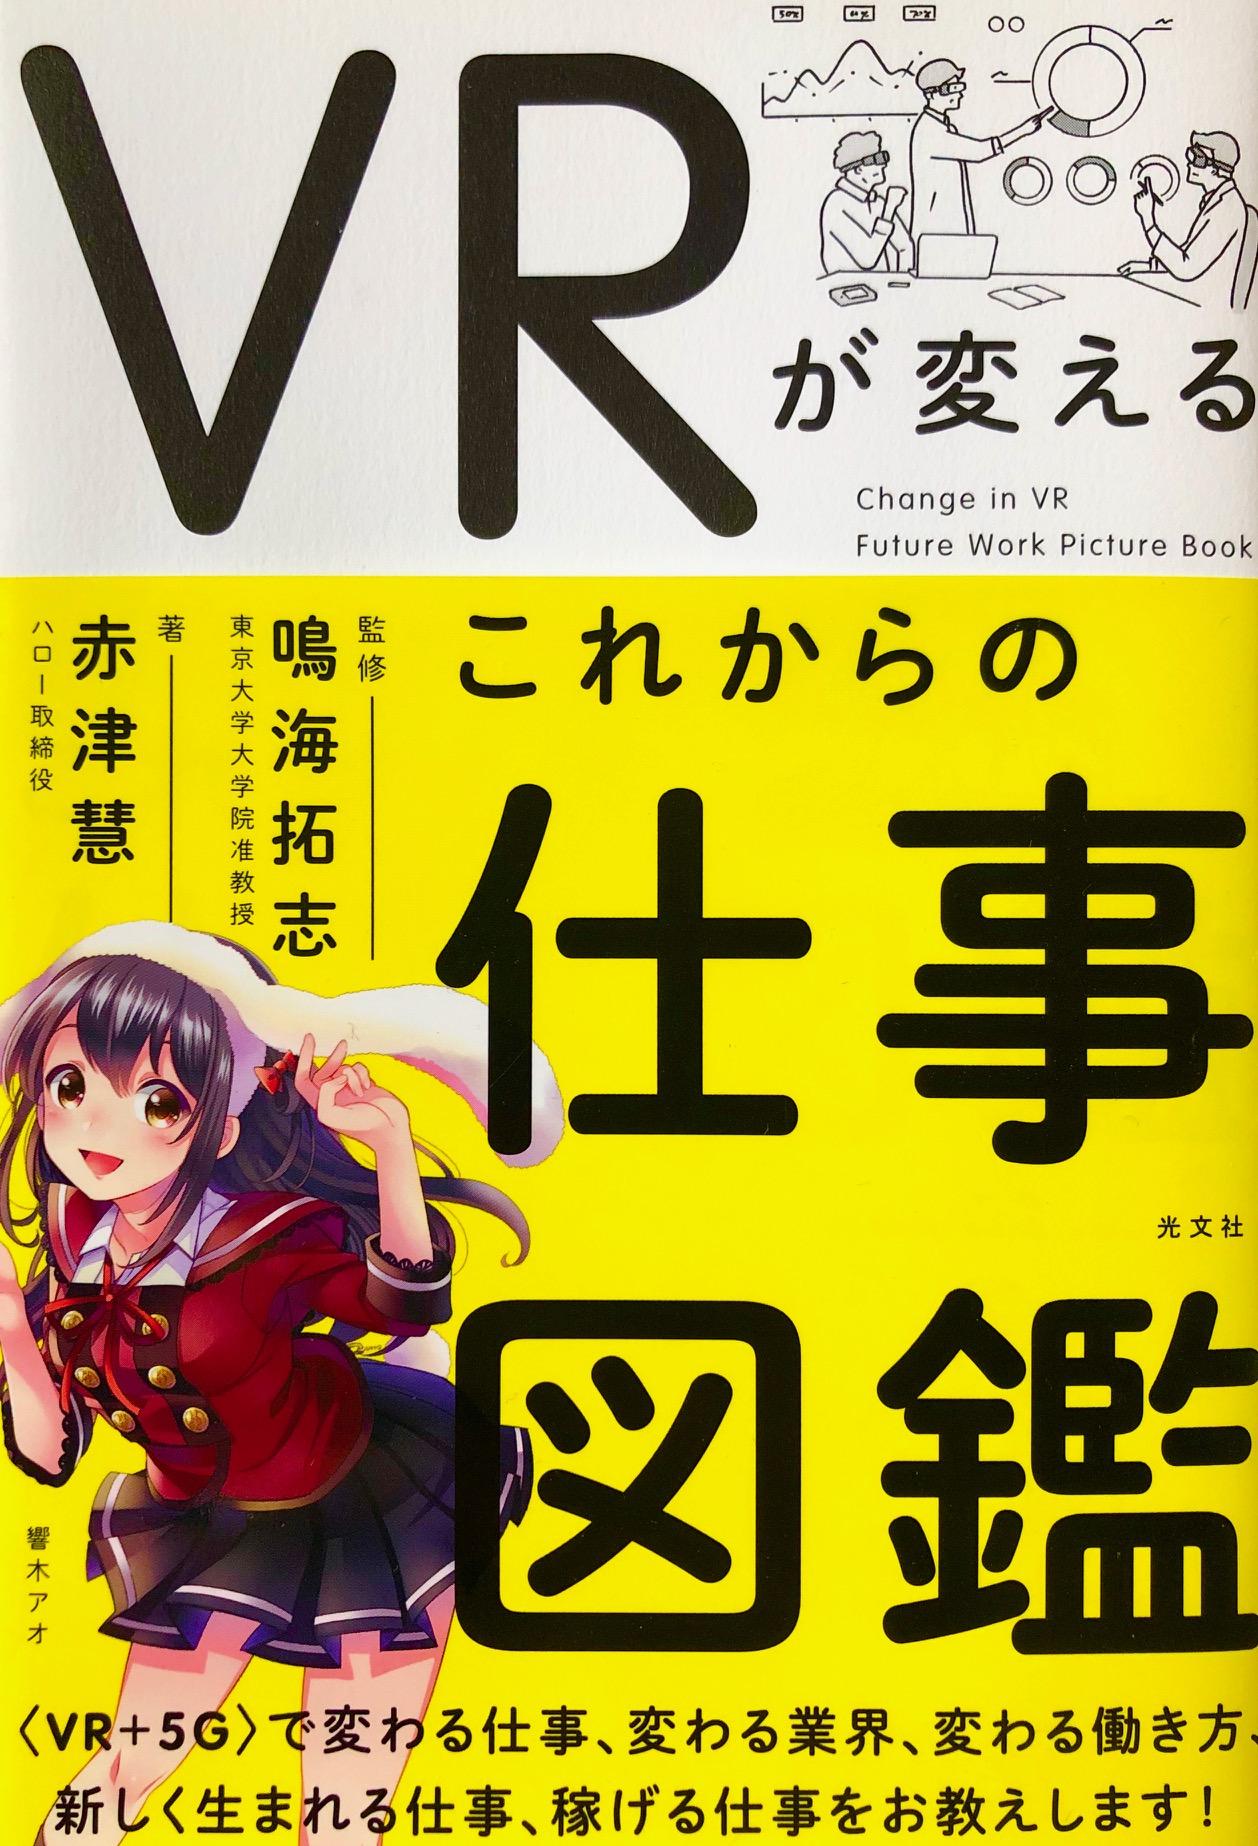 オススメVR本【VRが変える これからの仕事図鑑】感想レビュー!